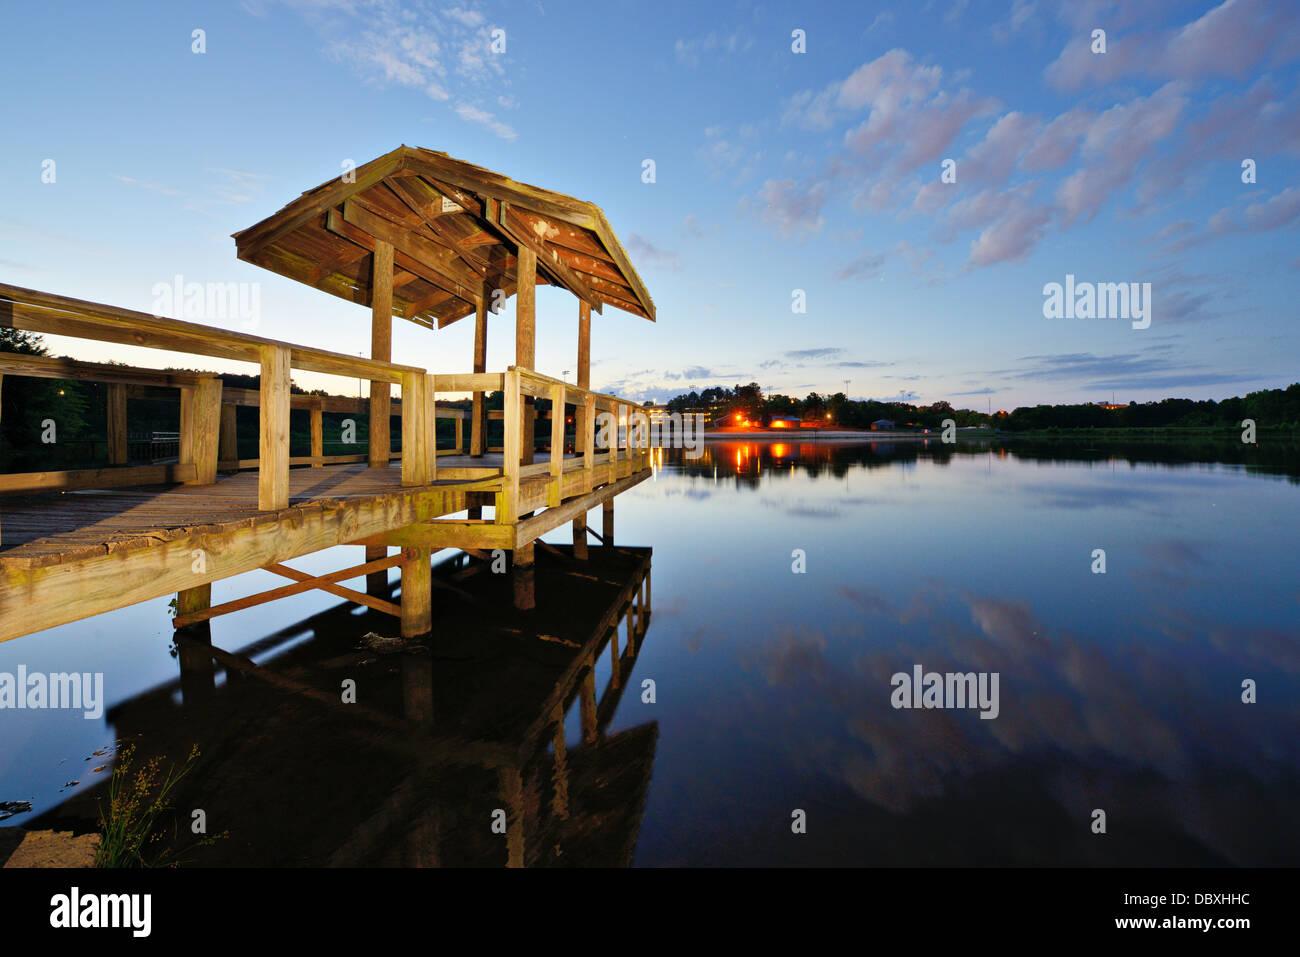 País, el lago en el norte de Georgia, Estados Unidos. Imagen De Stock